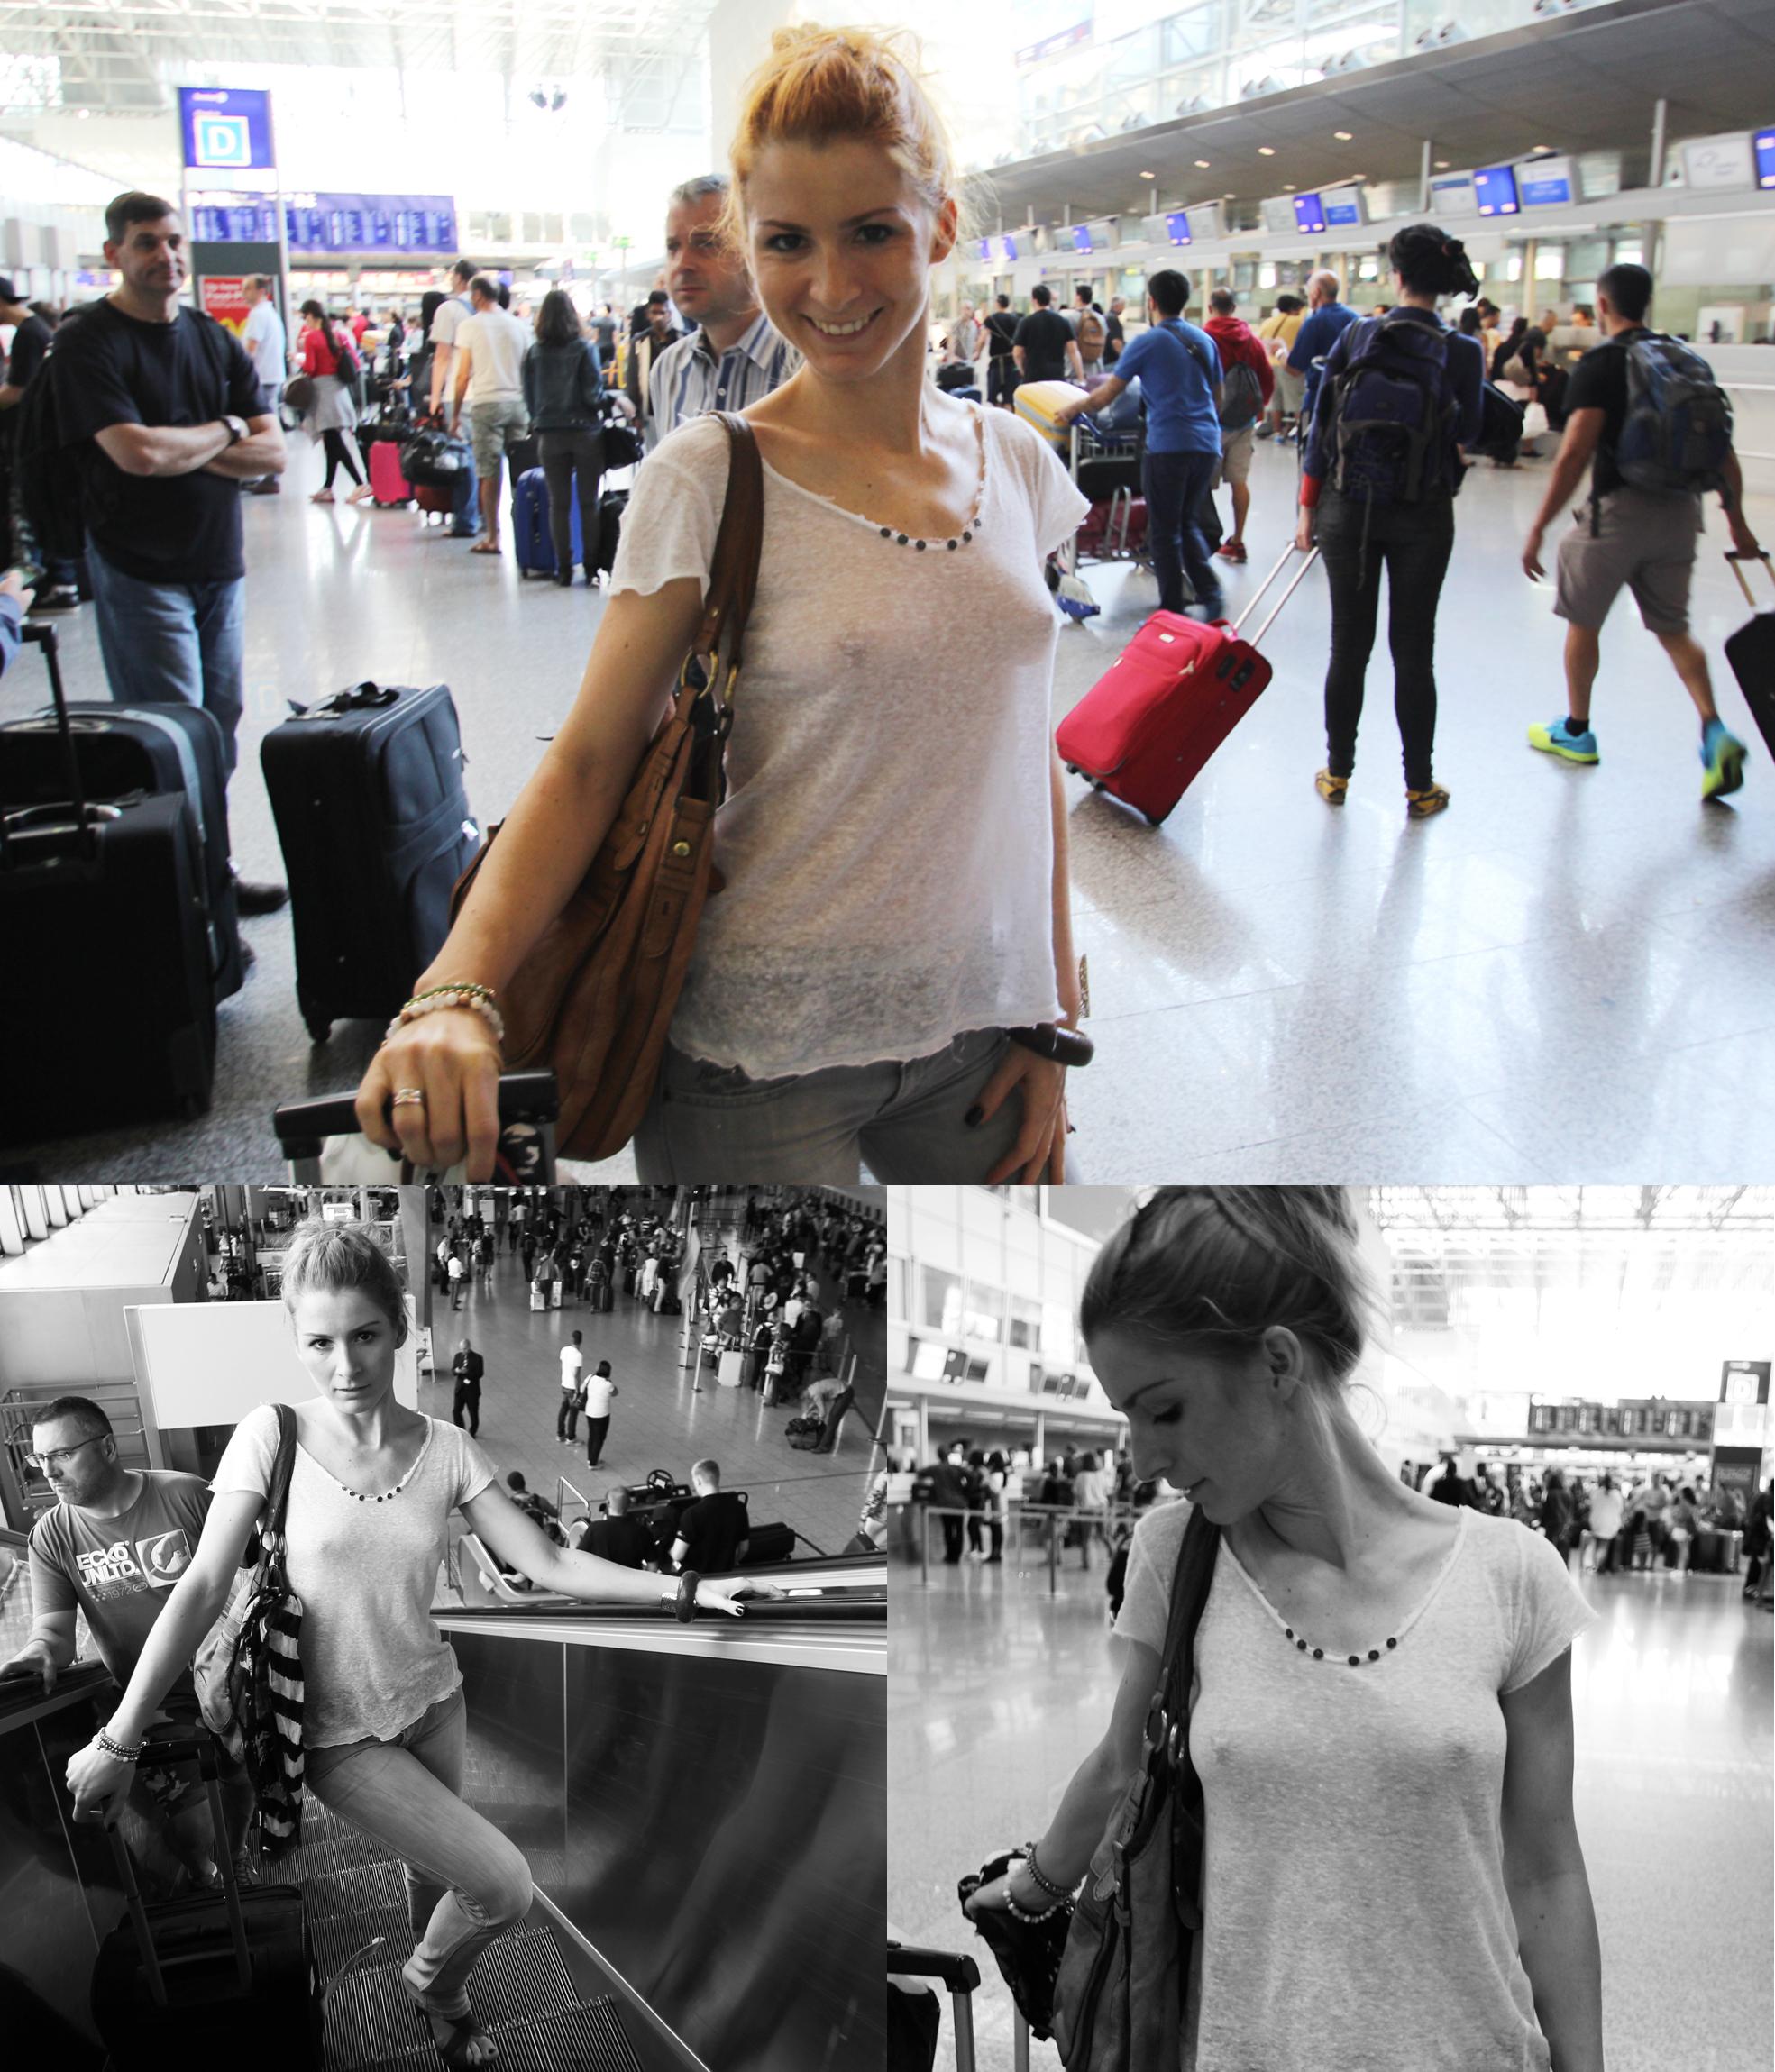 Flughafen_FRA_0714